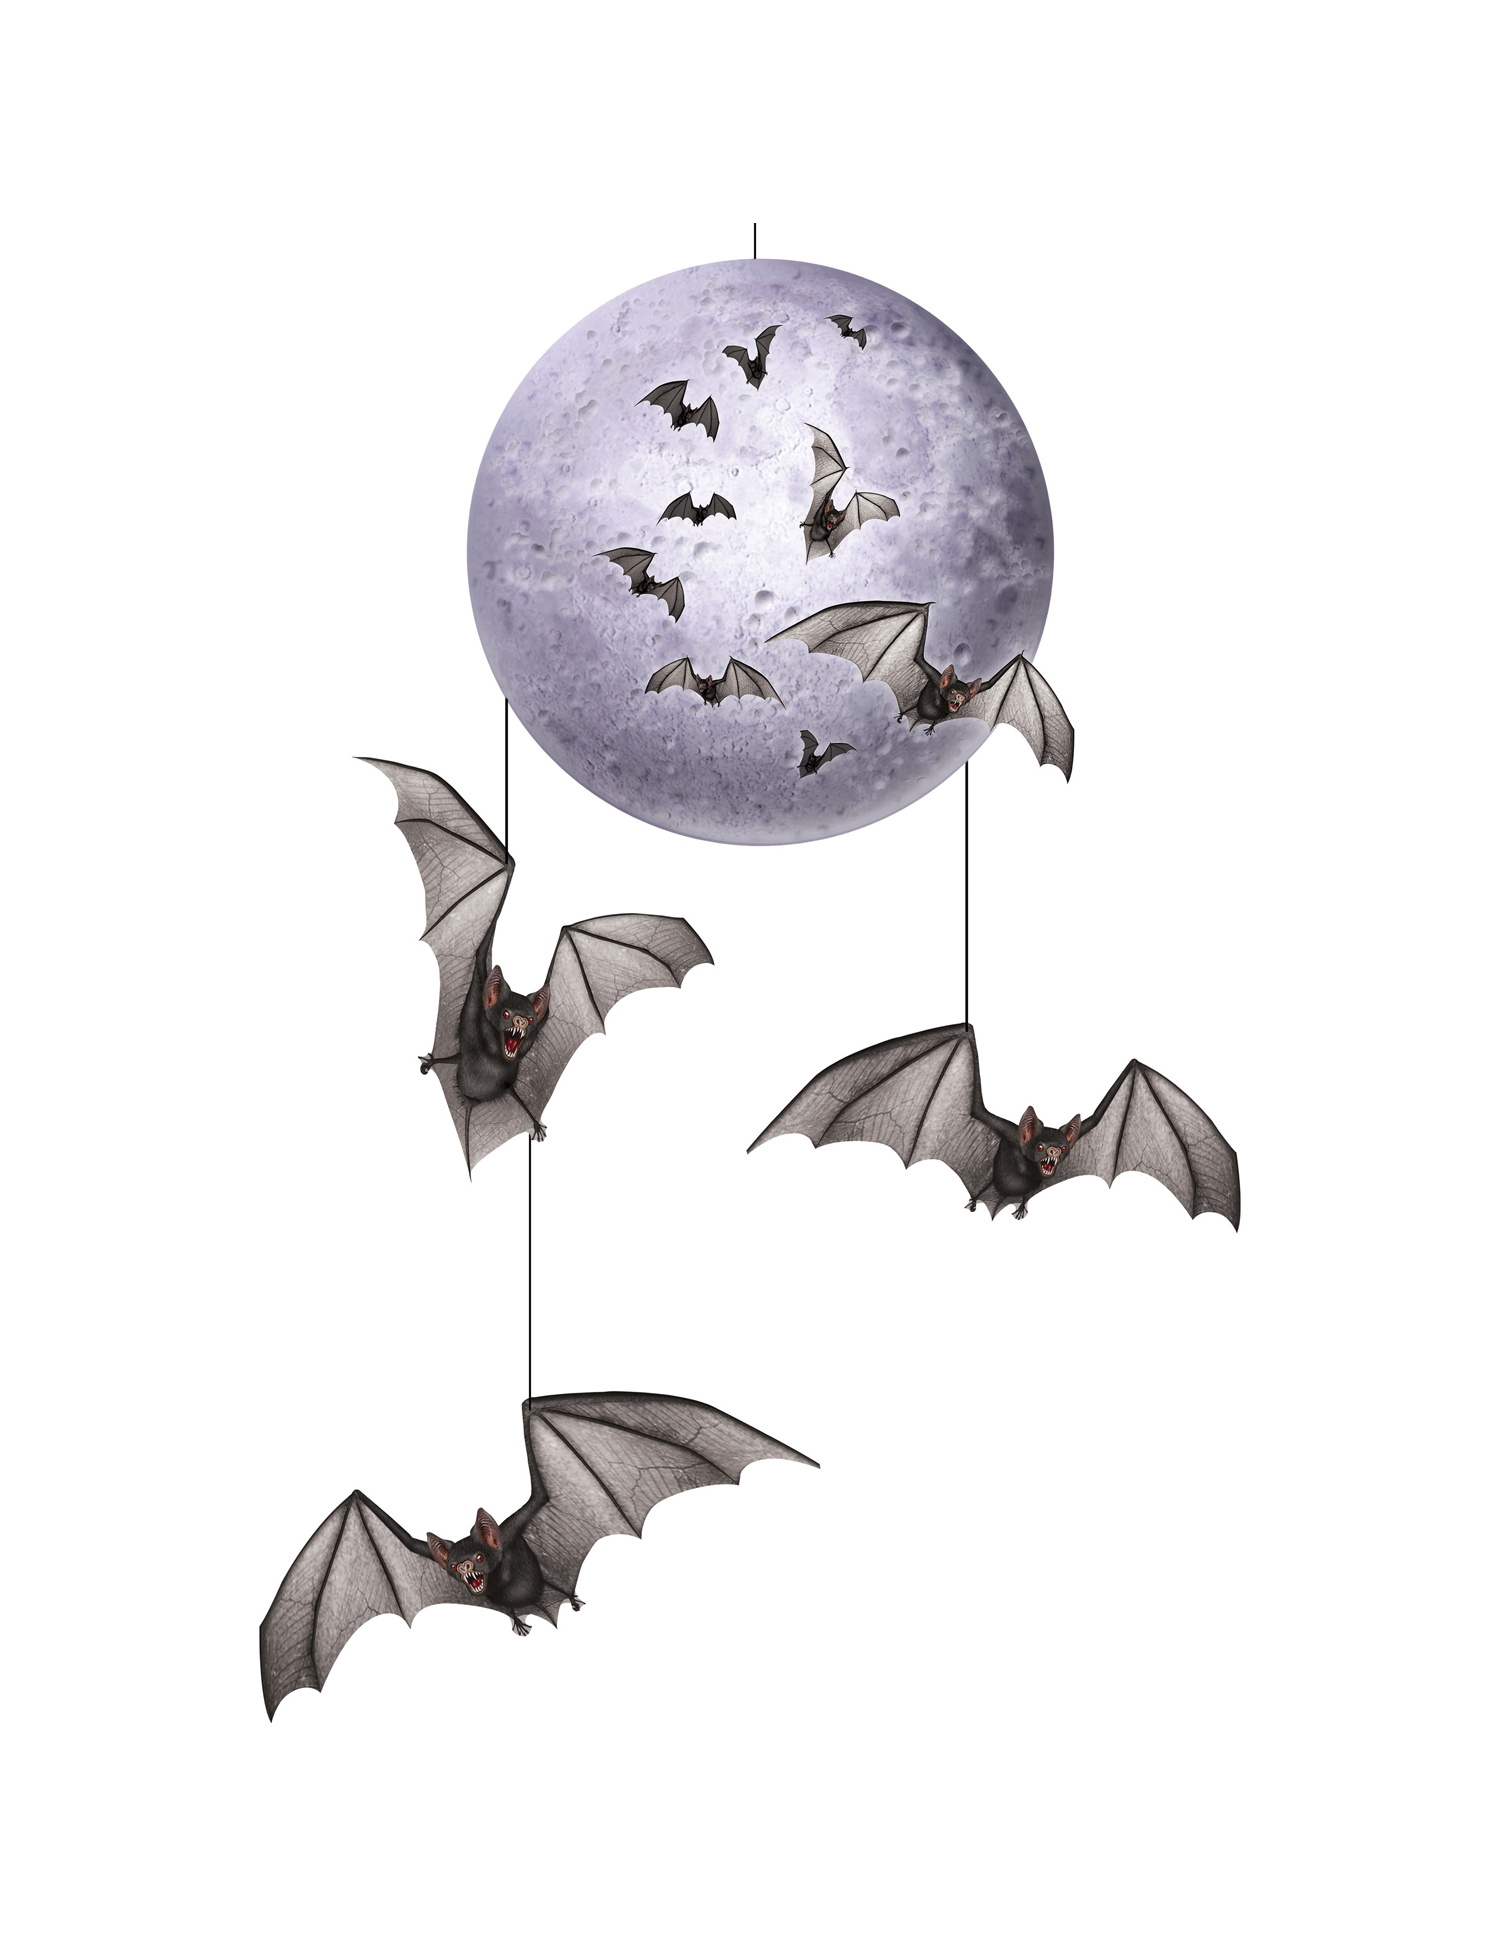 Suspension lune chauve souris halloween d coration - Deco halloween chauve souris ...